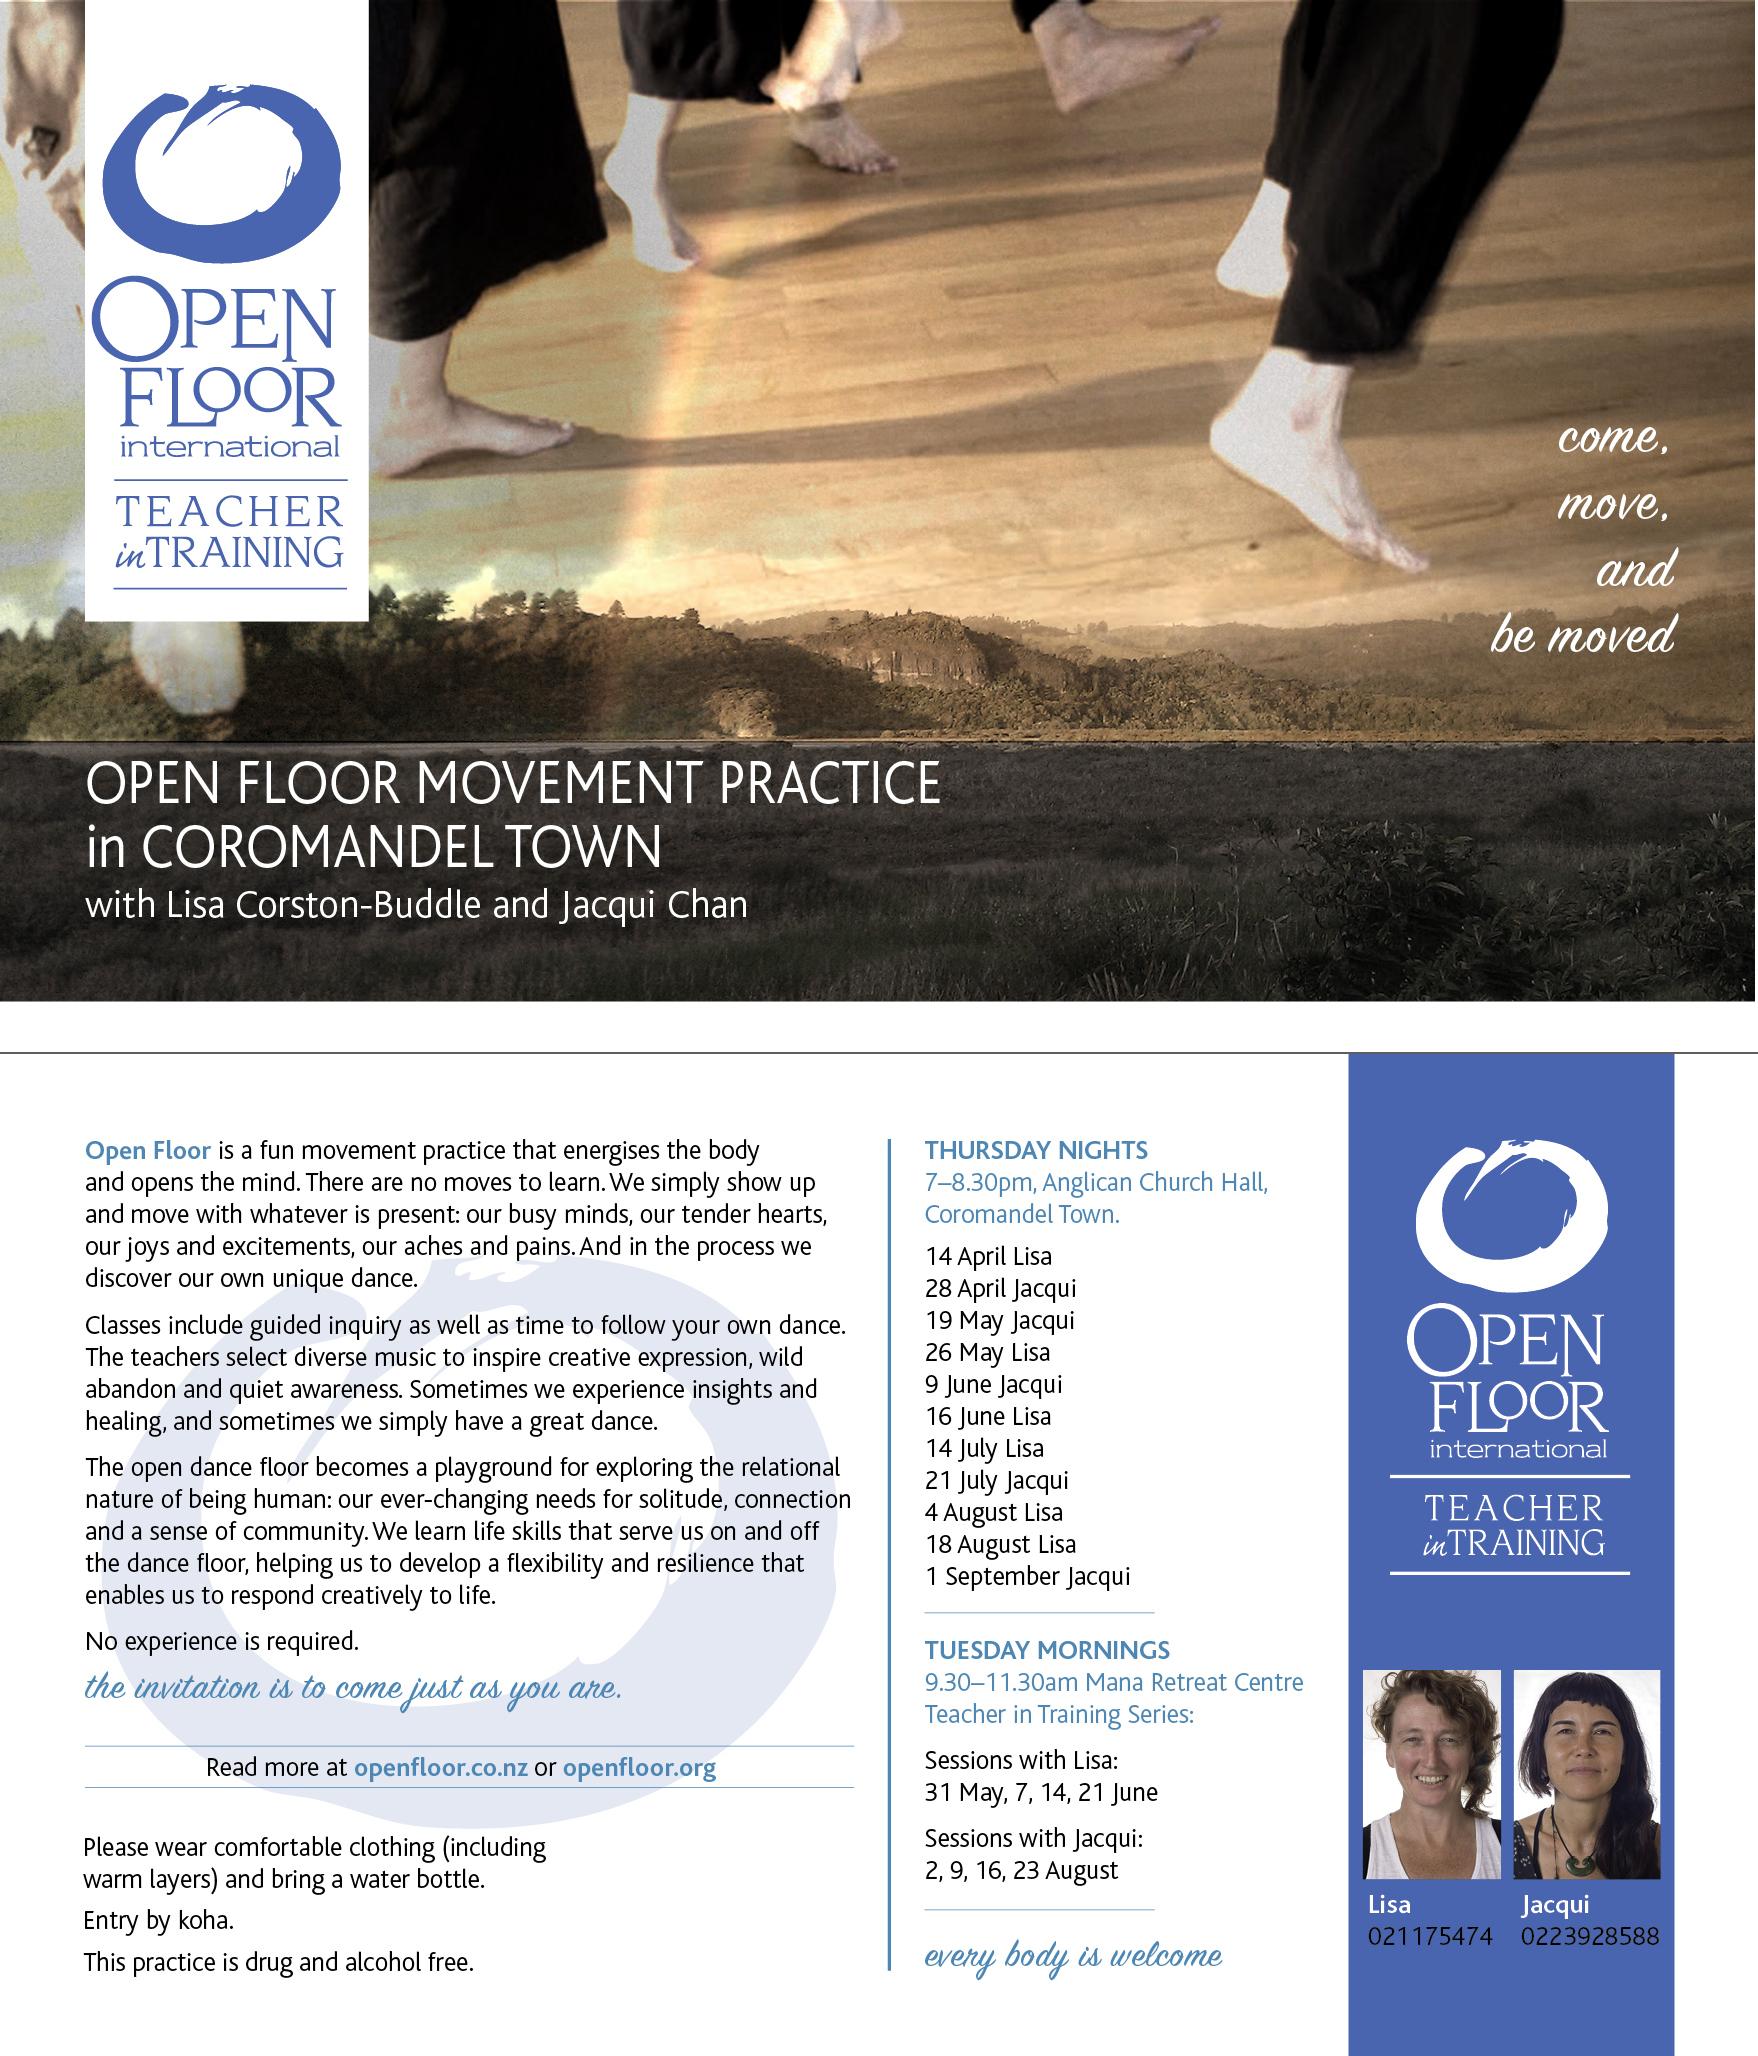 Coromandel Practice Sessions flyer